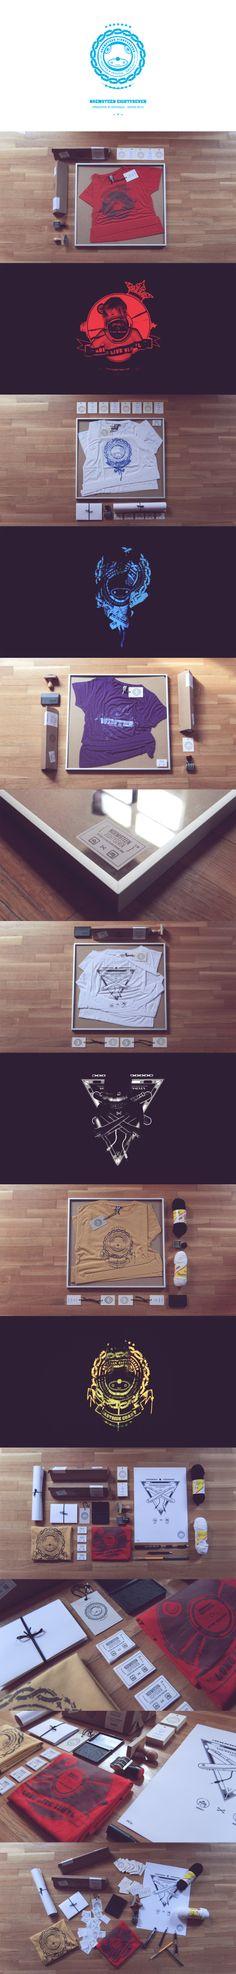 Unique Branding Design, Noem9teen Eightyseven #branding #design (http://www.pinterest.com/aldenchong/)